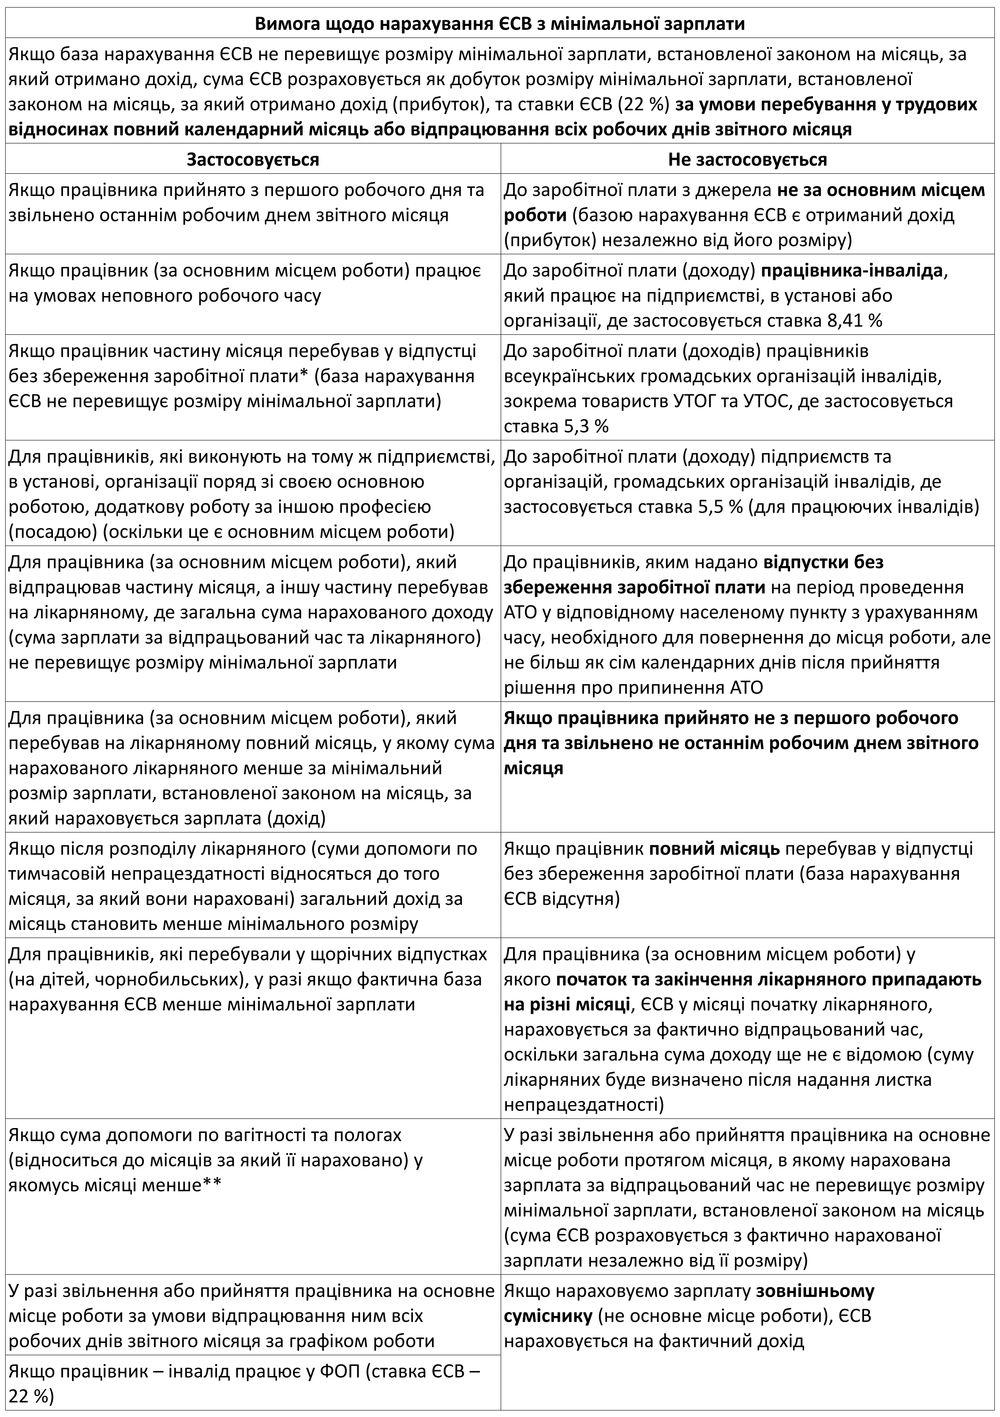 agrosoft.com.ua/images/news/ev_dfs.jpg